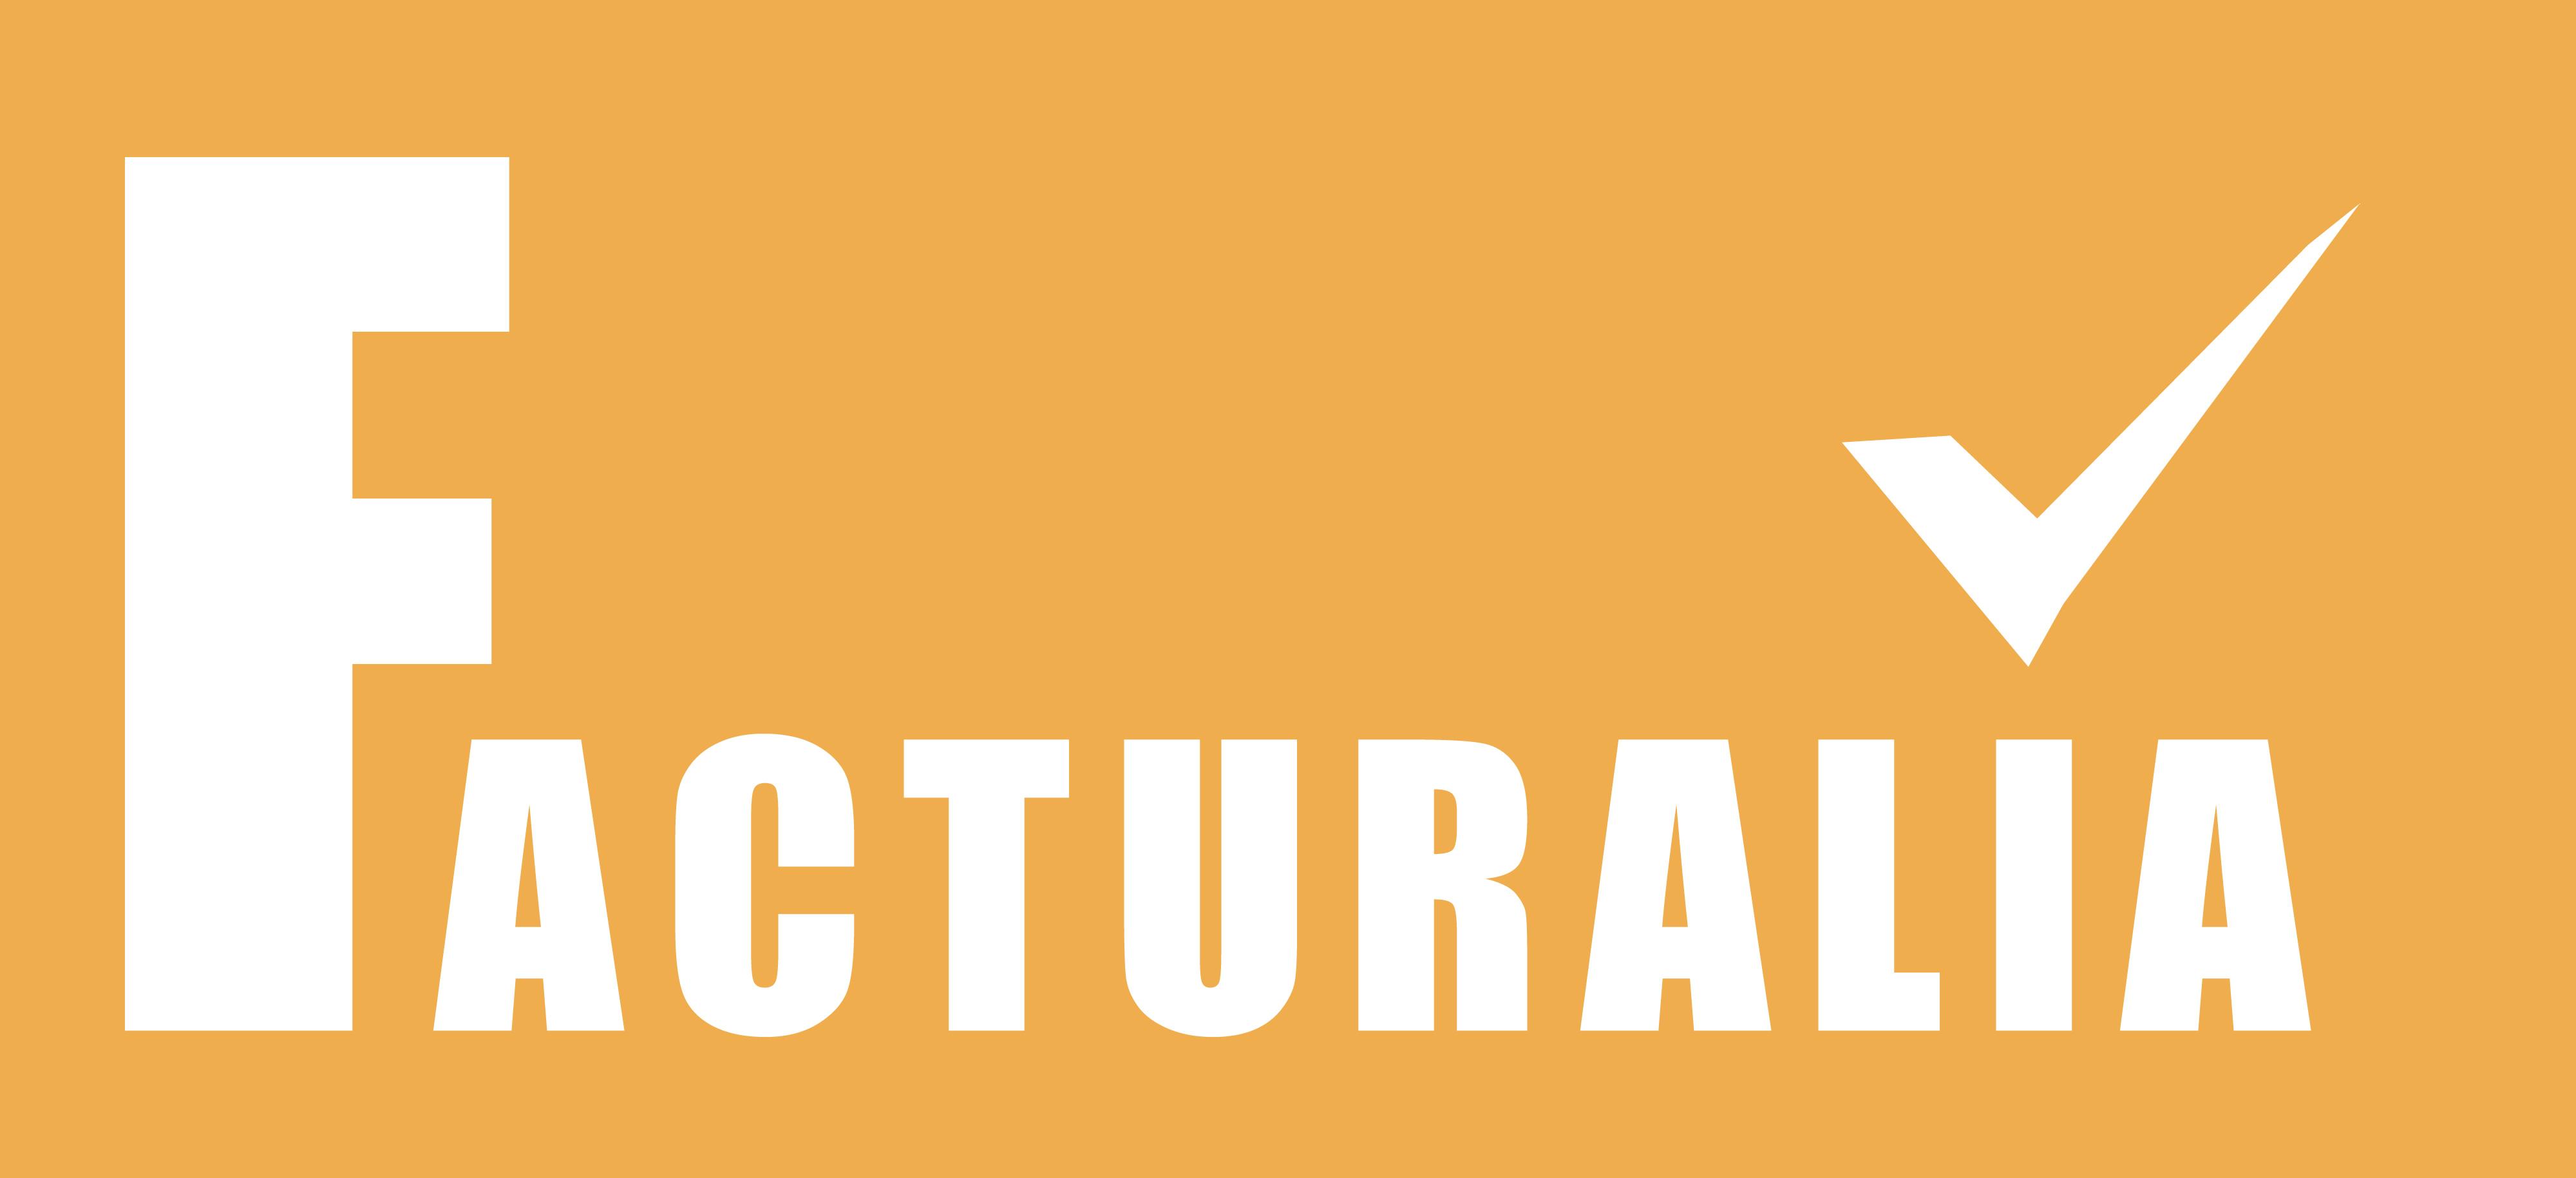 Facturalia